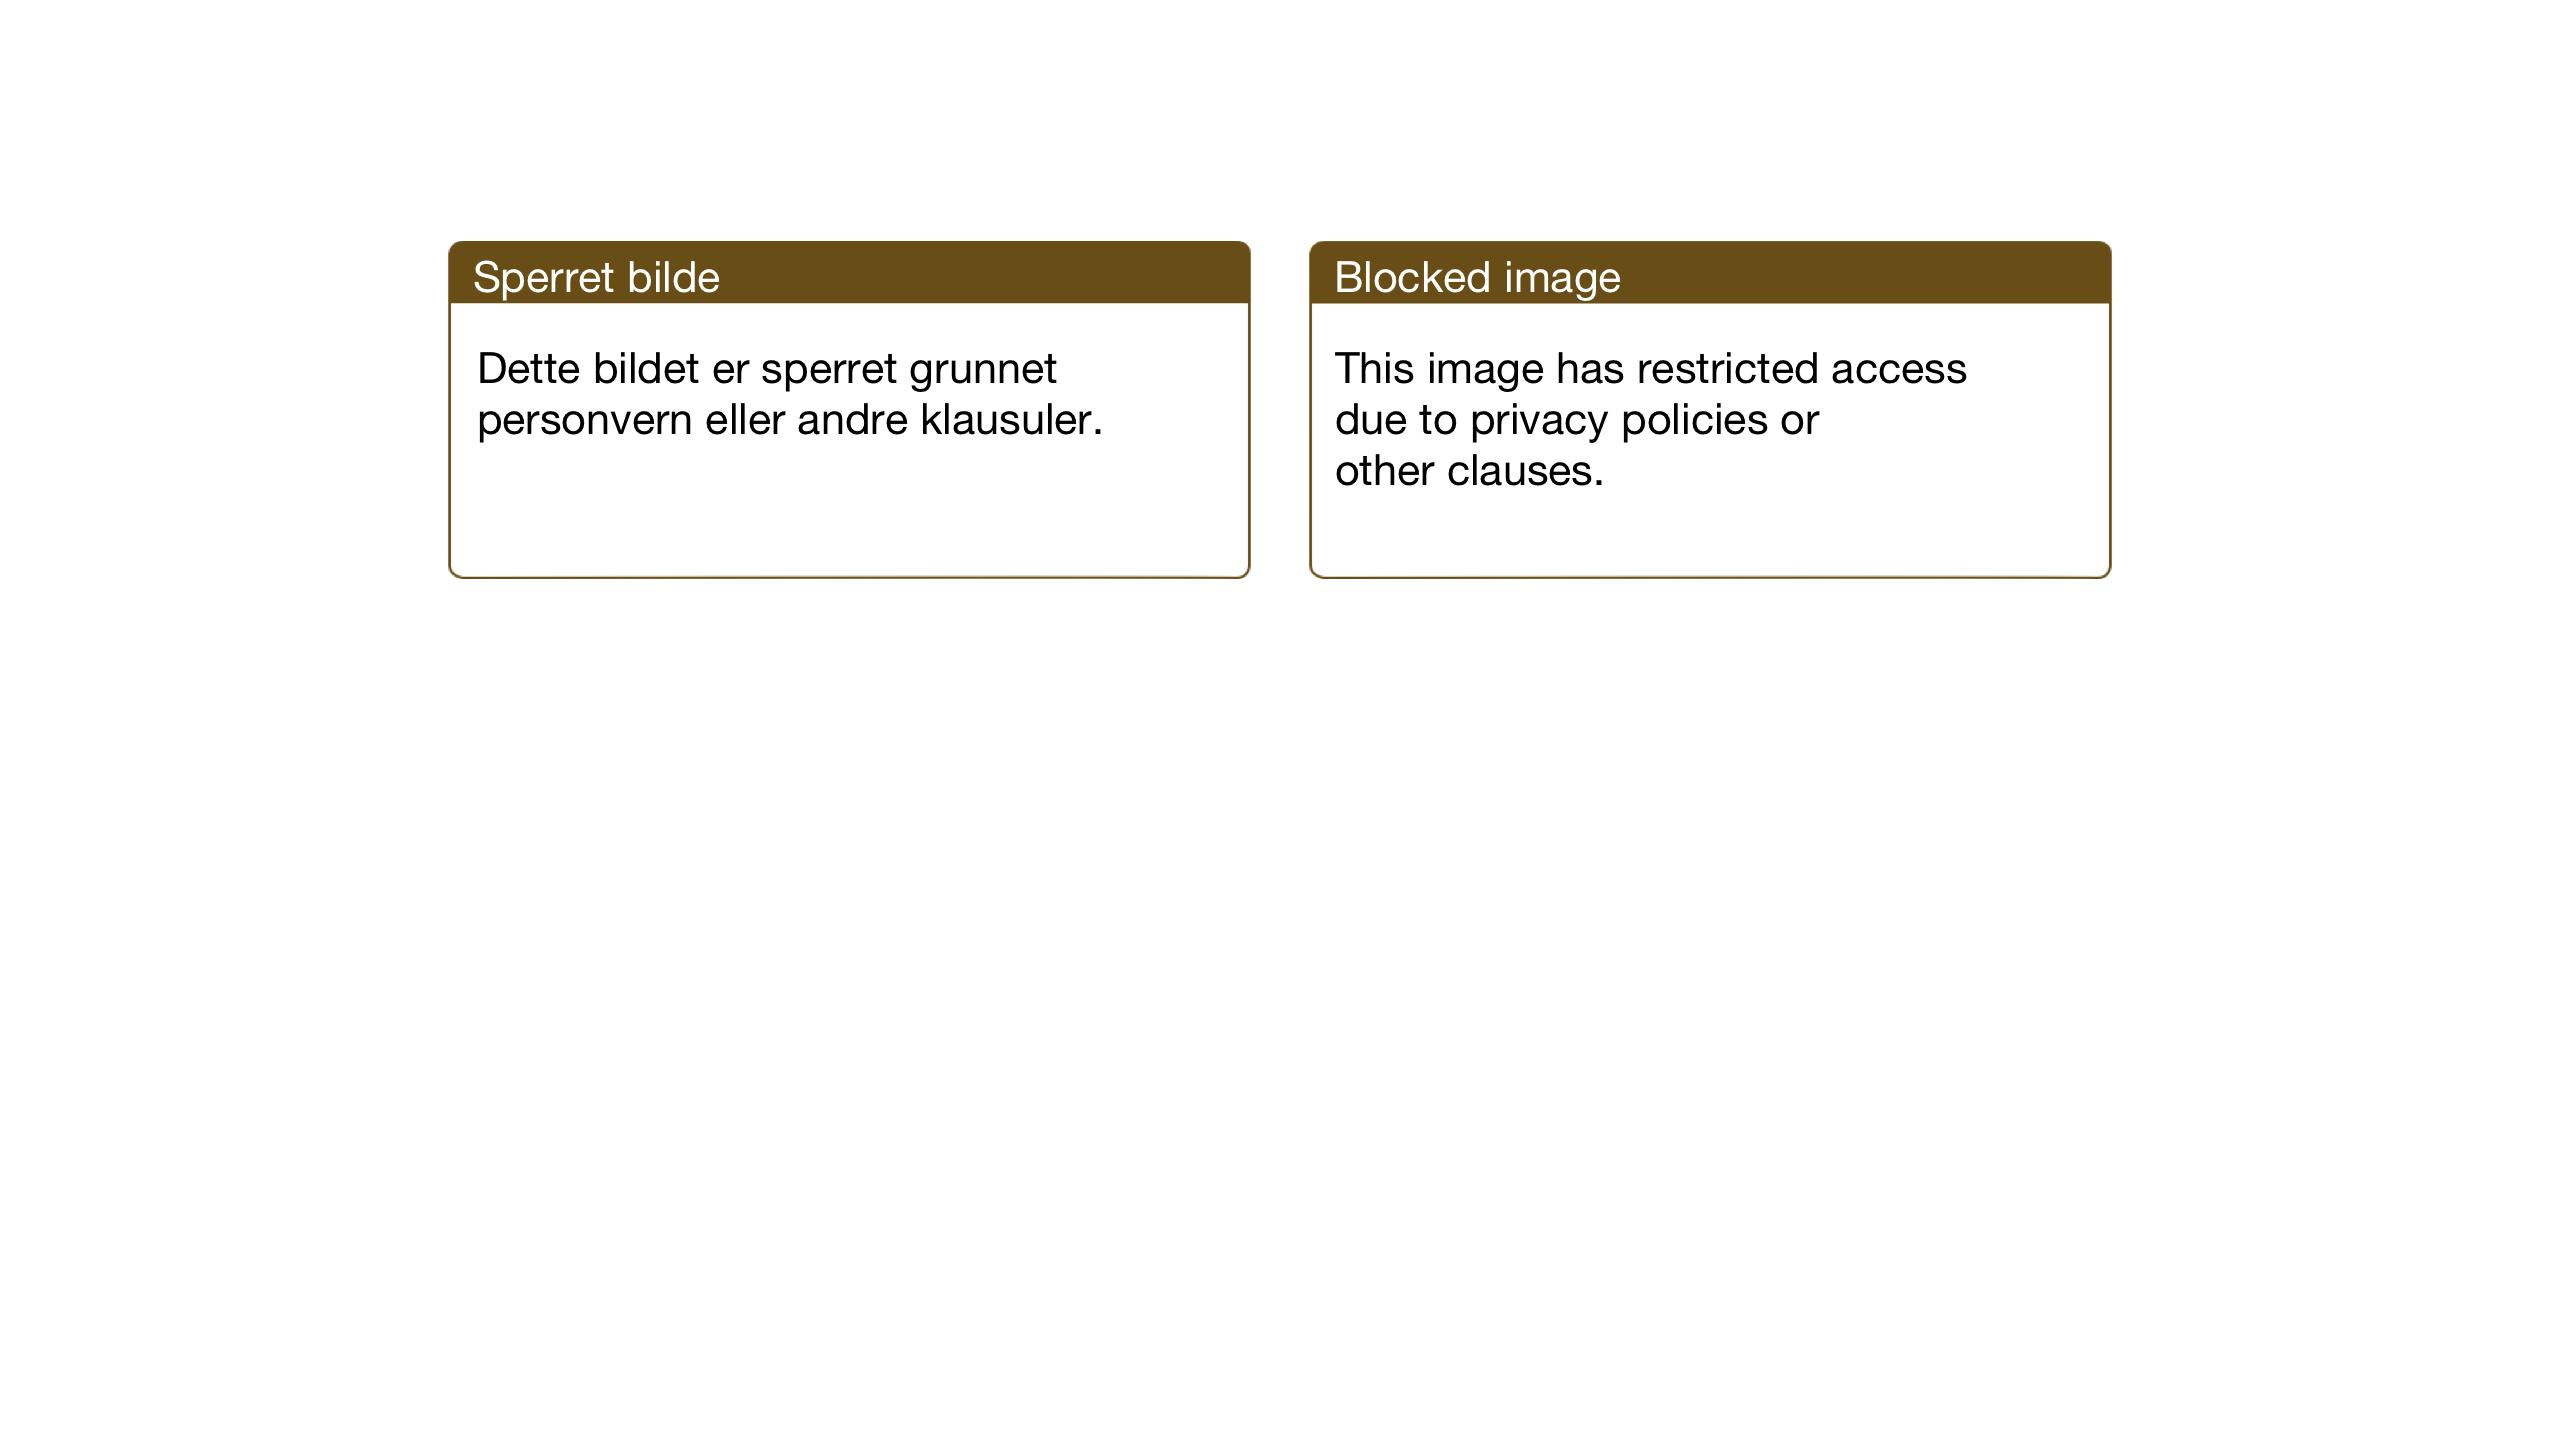 RA, Justisdepartementet, Sivilavdelingen (RA/S-6490), 2000, s. 292